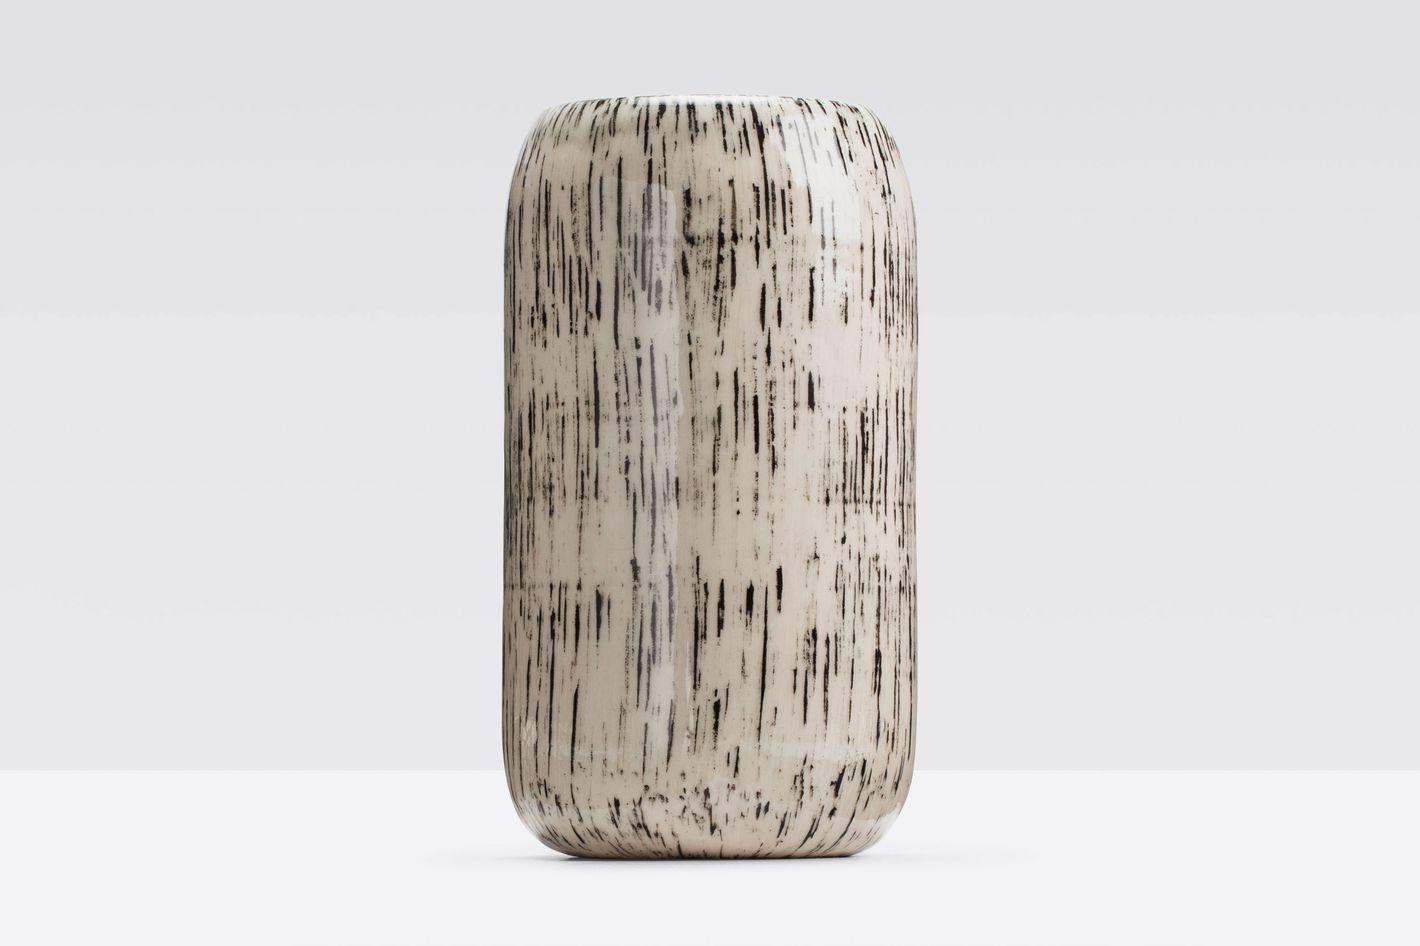 BTW Ceramics Mist Vase